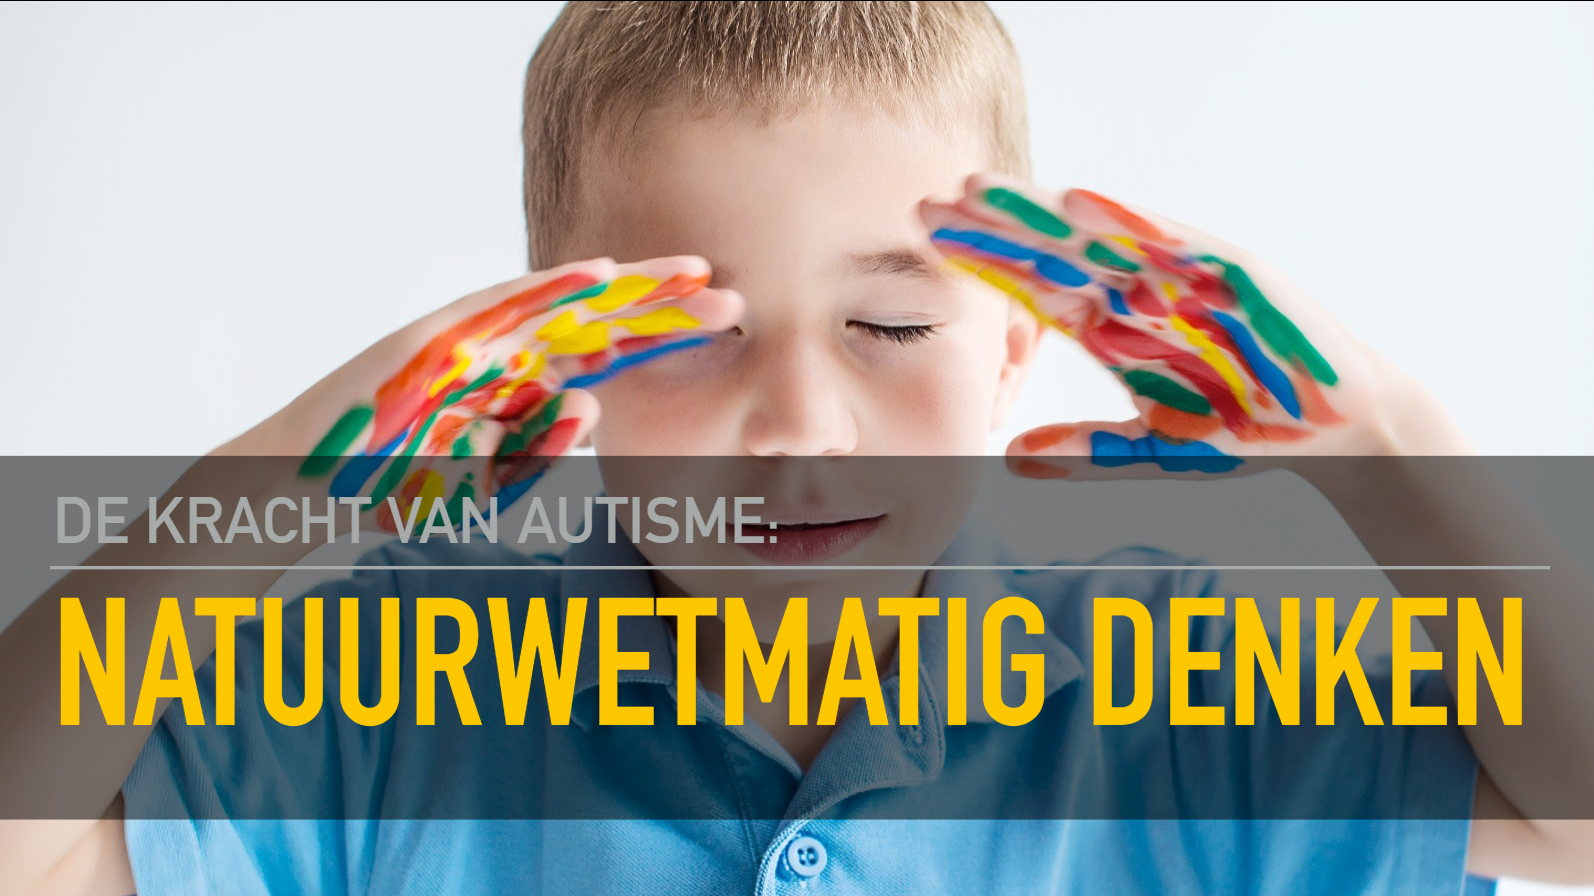 de kracht van autisme natuurwetmatig denken